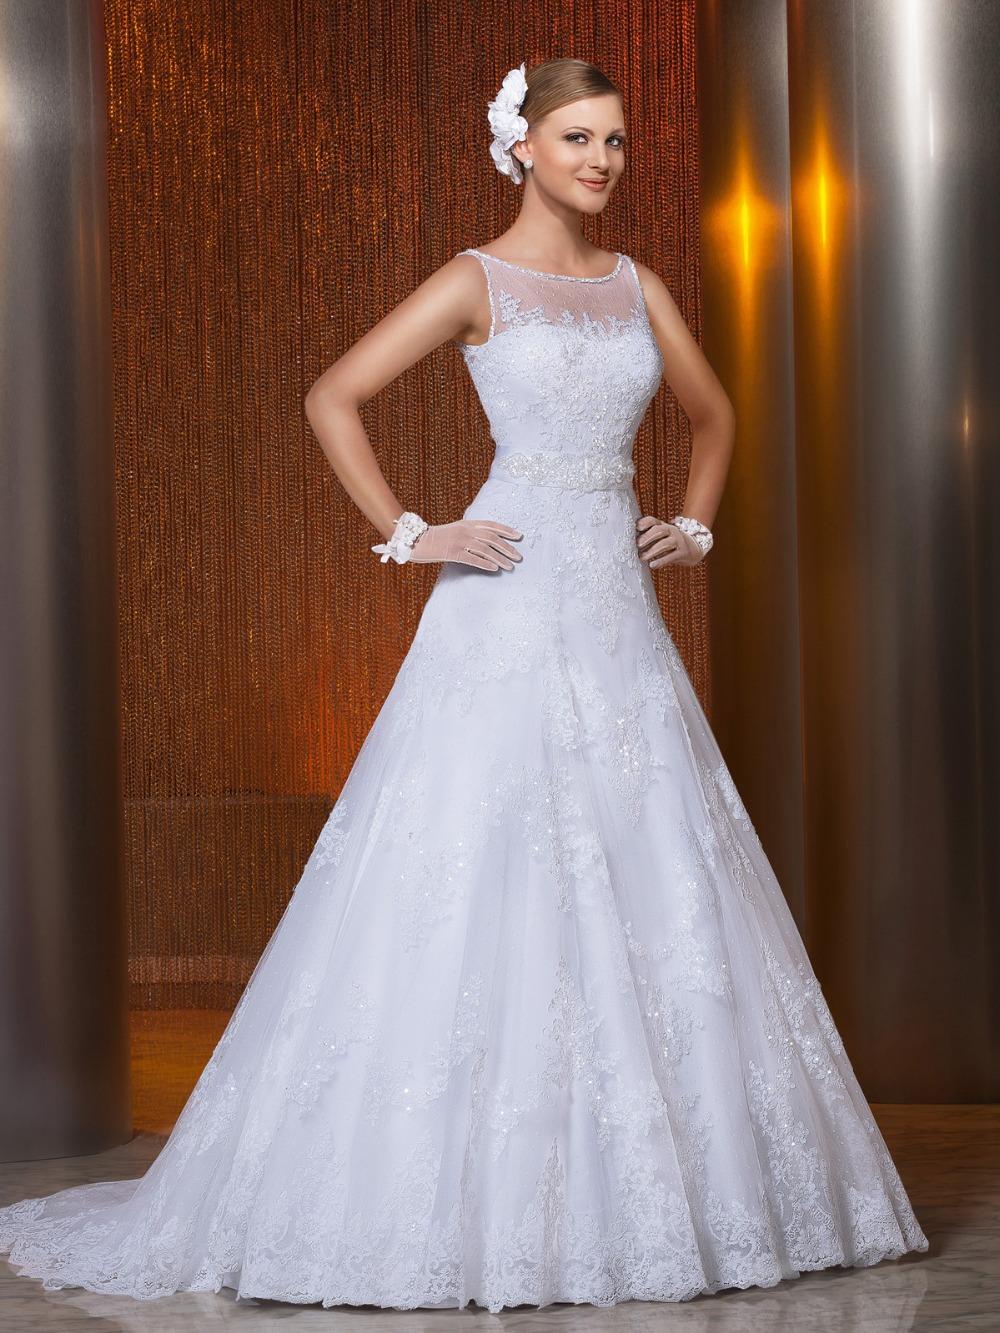 Vestido De Noiva 2015 Vintage Wedding Dress Summer...